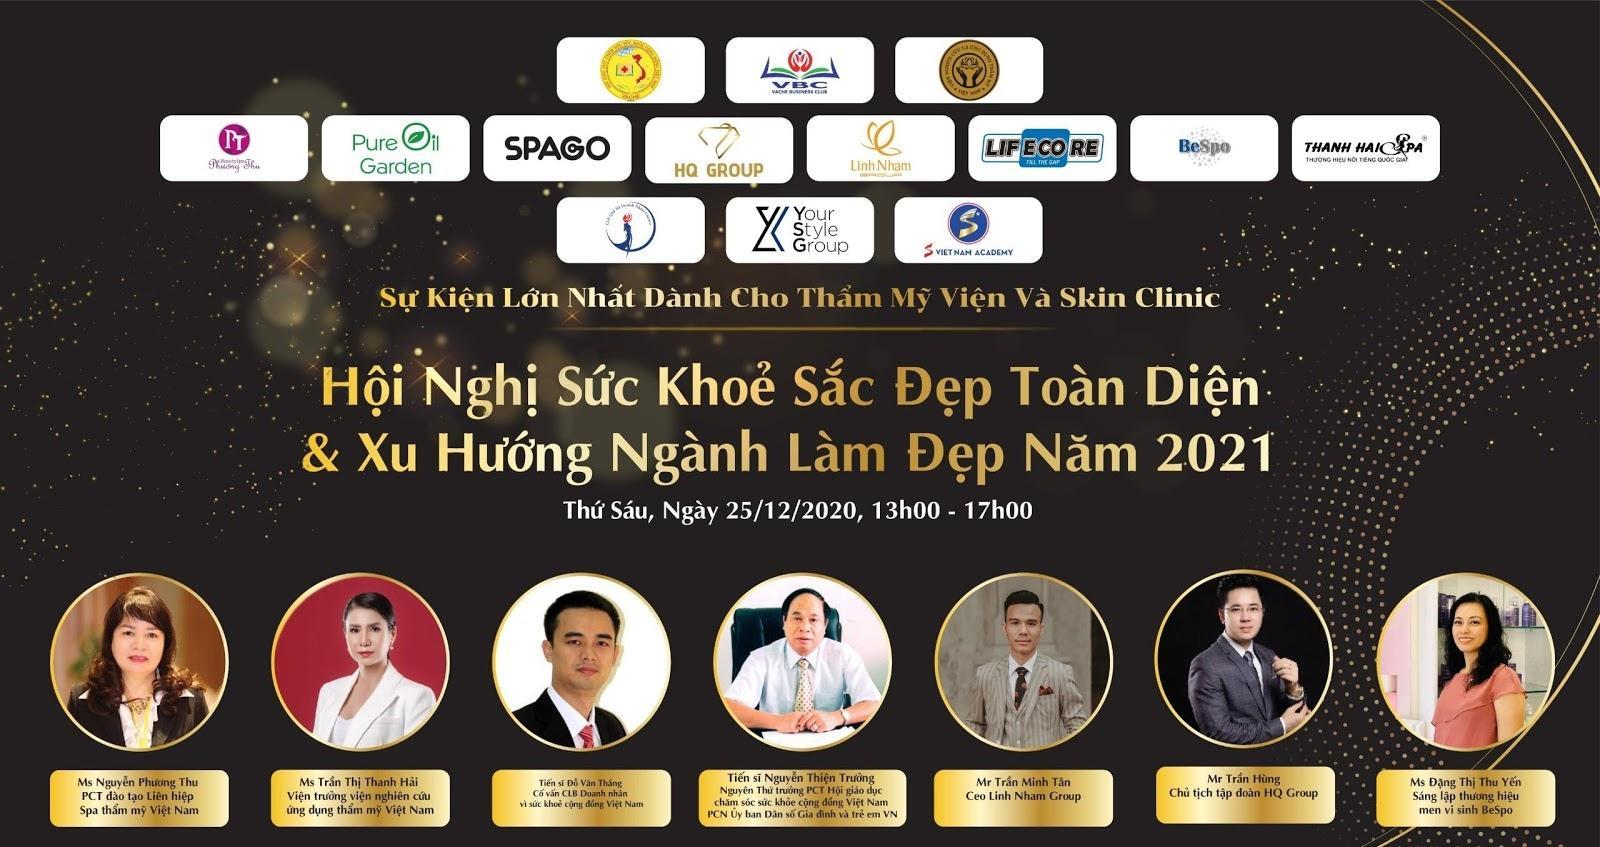 Ông Trịnh Văn Sơn CEO S Việt Nam - Thành viên Ban tổ chức tại Hội nghị sức khỏe sắc đẹp toàn diện và xu hướng ngành làm đẹp 2021 - Ảnh 3